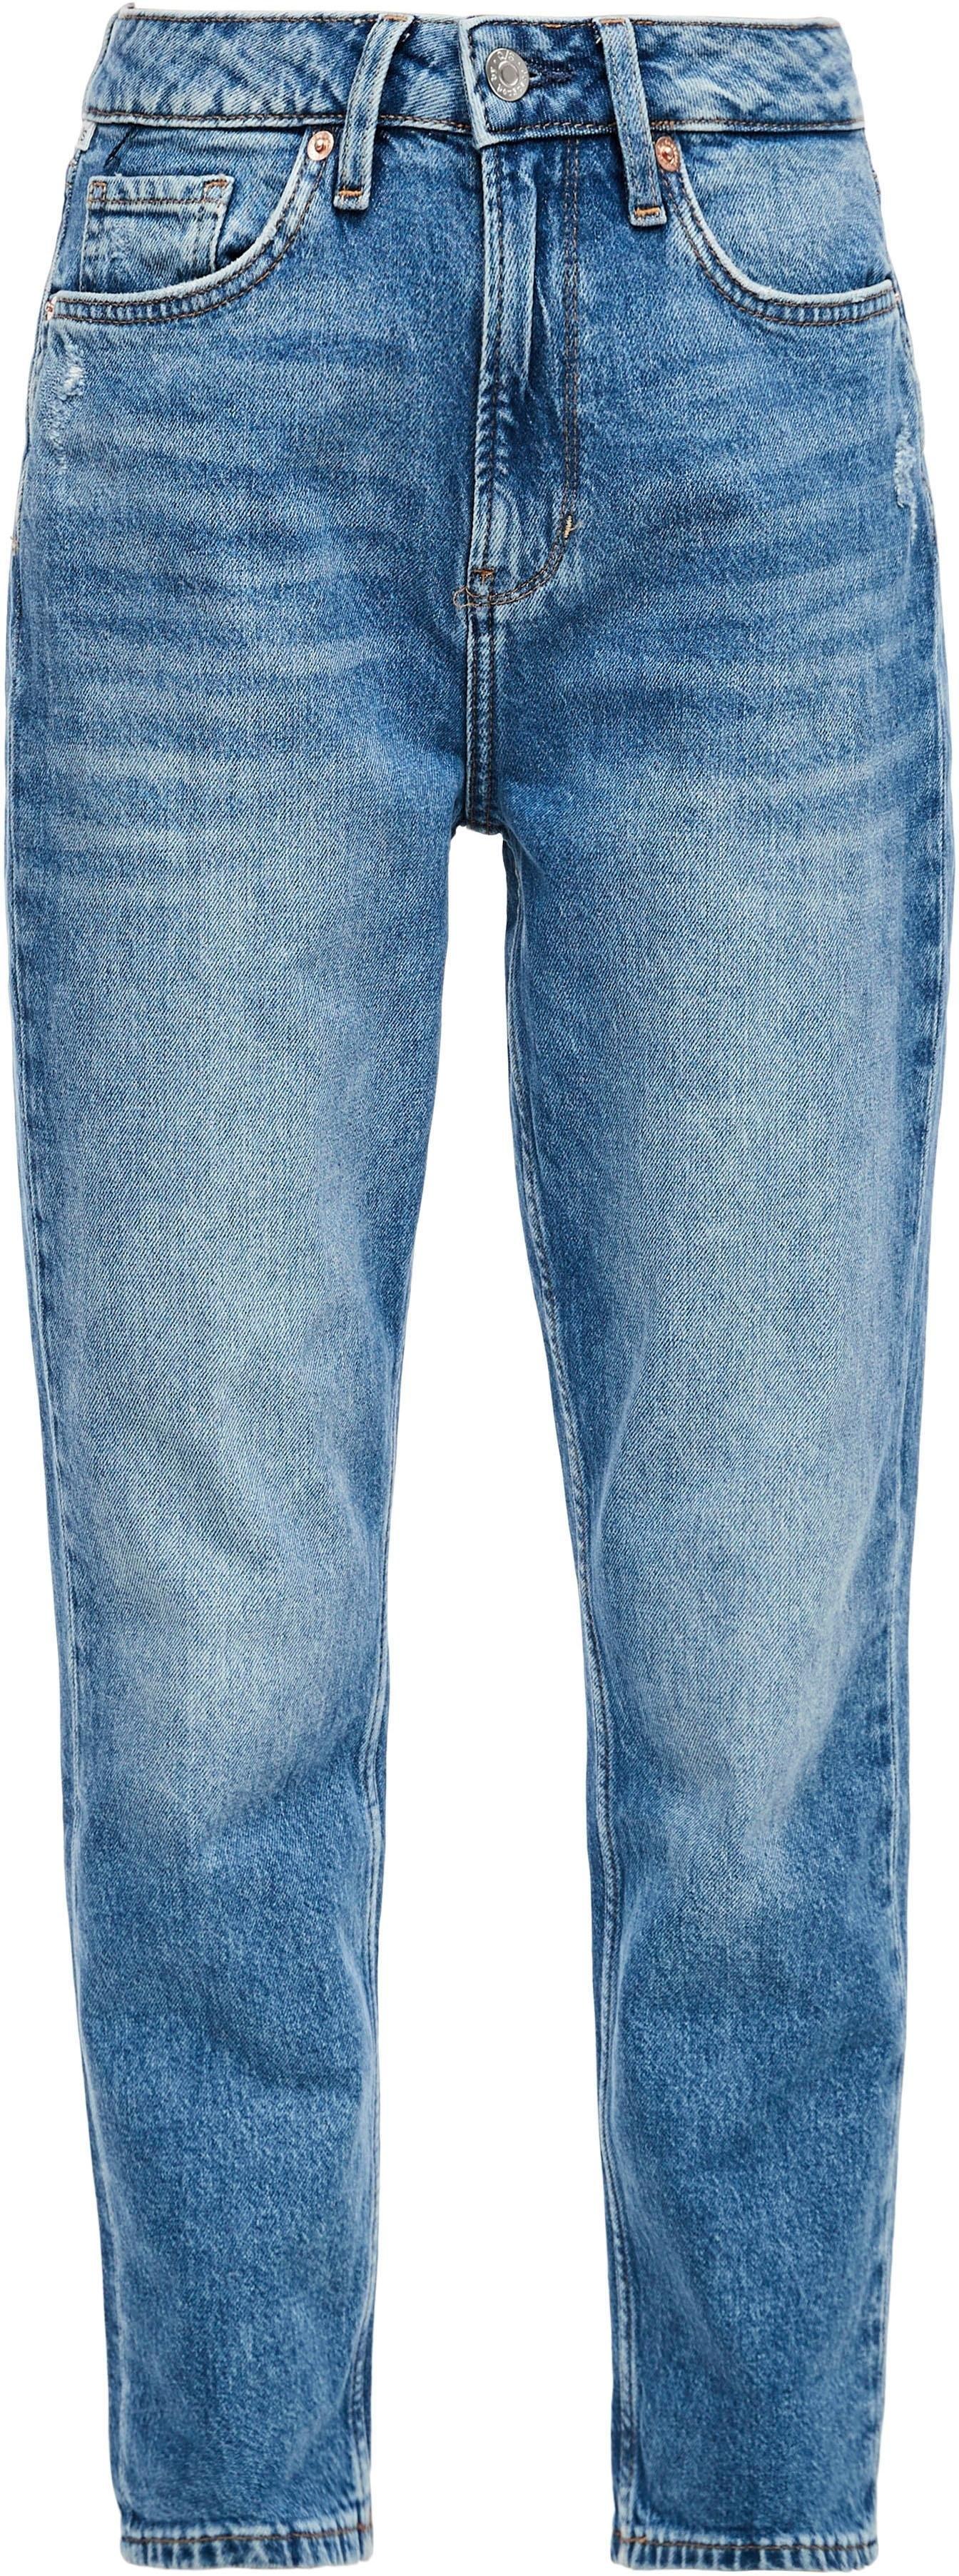 Op zoek naar een Q/s Designed By mom jeans? Koop online bij OTTO